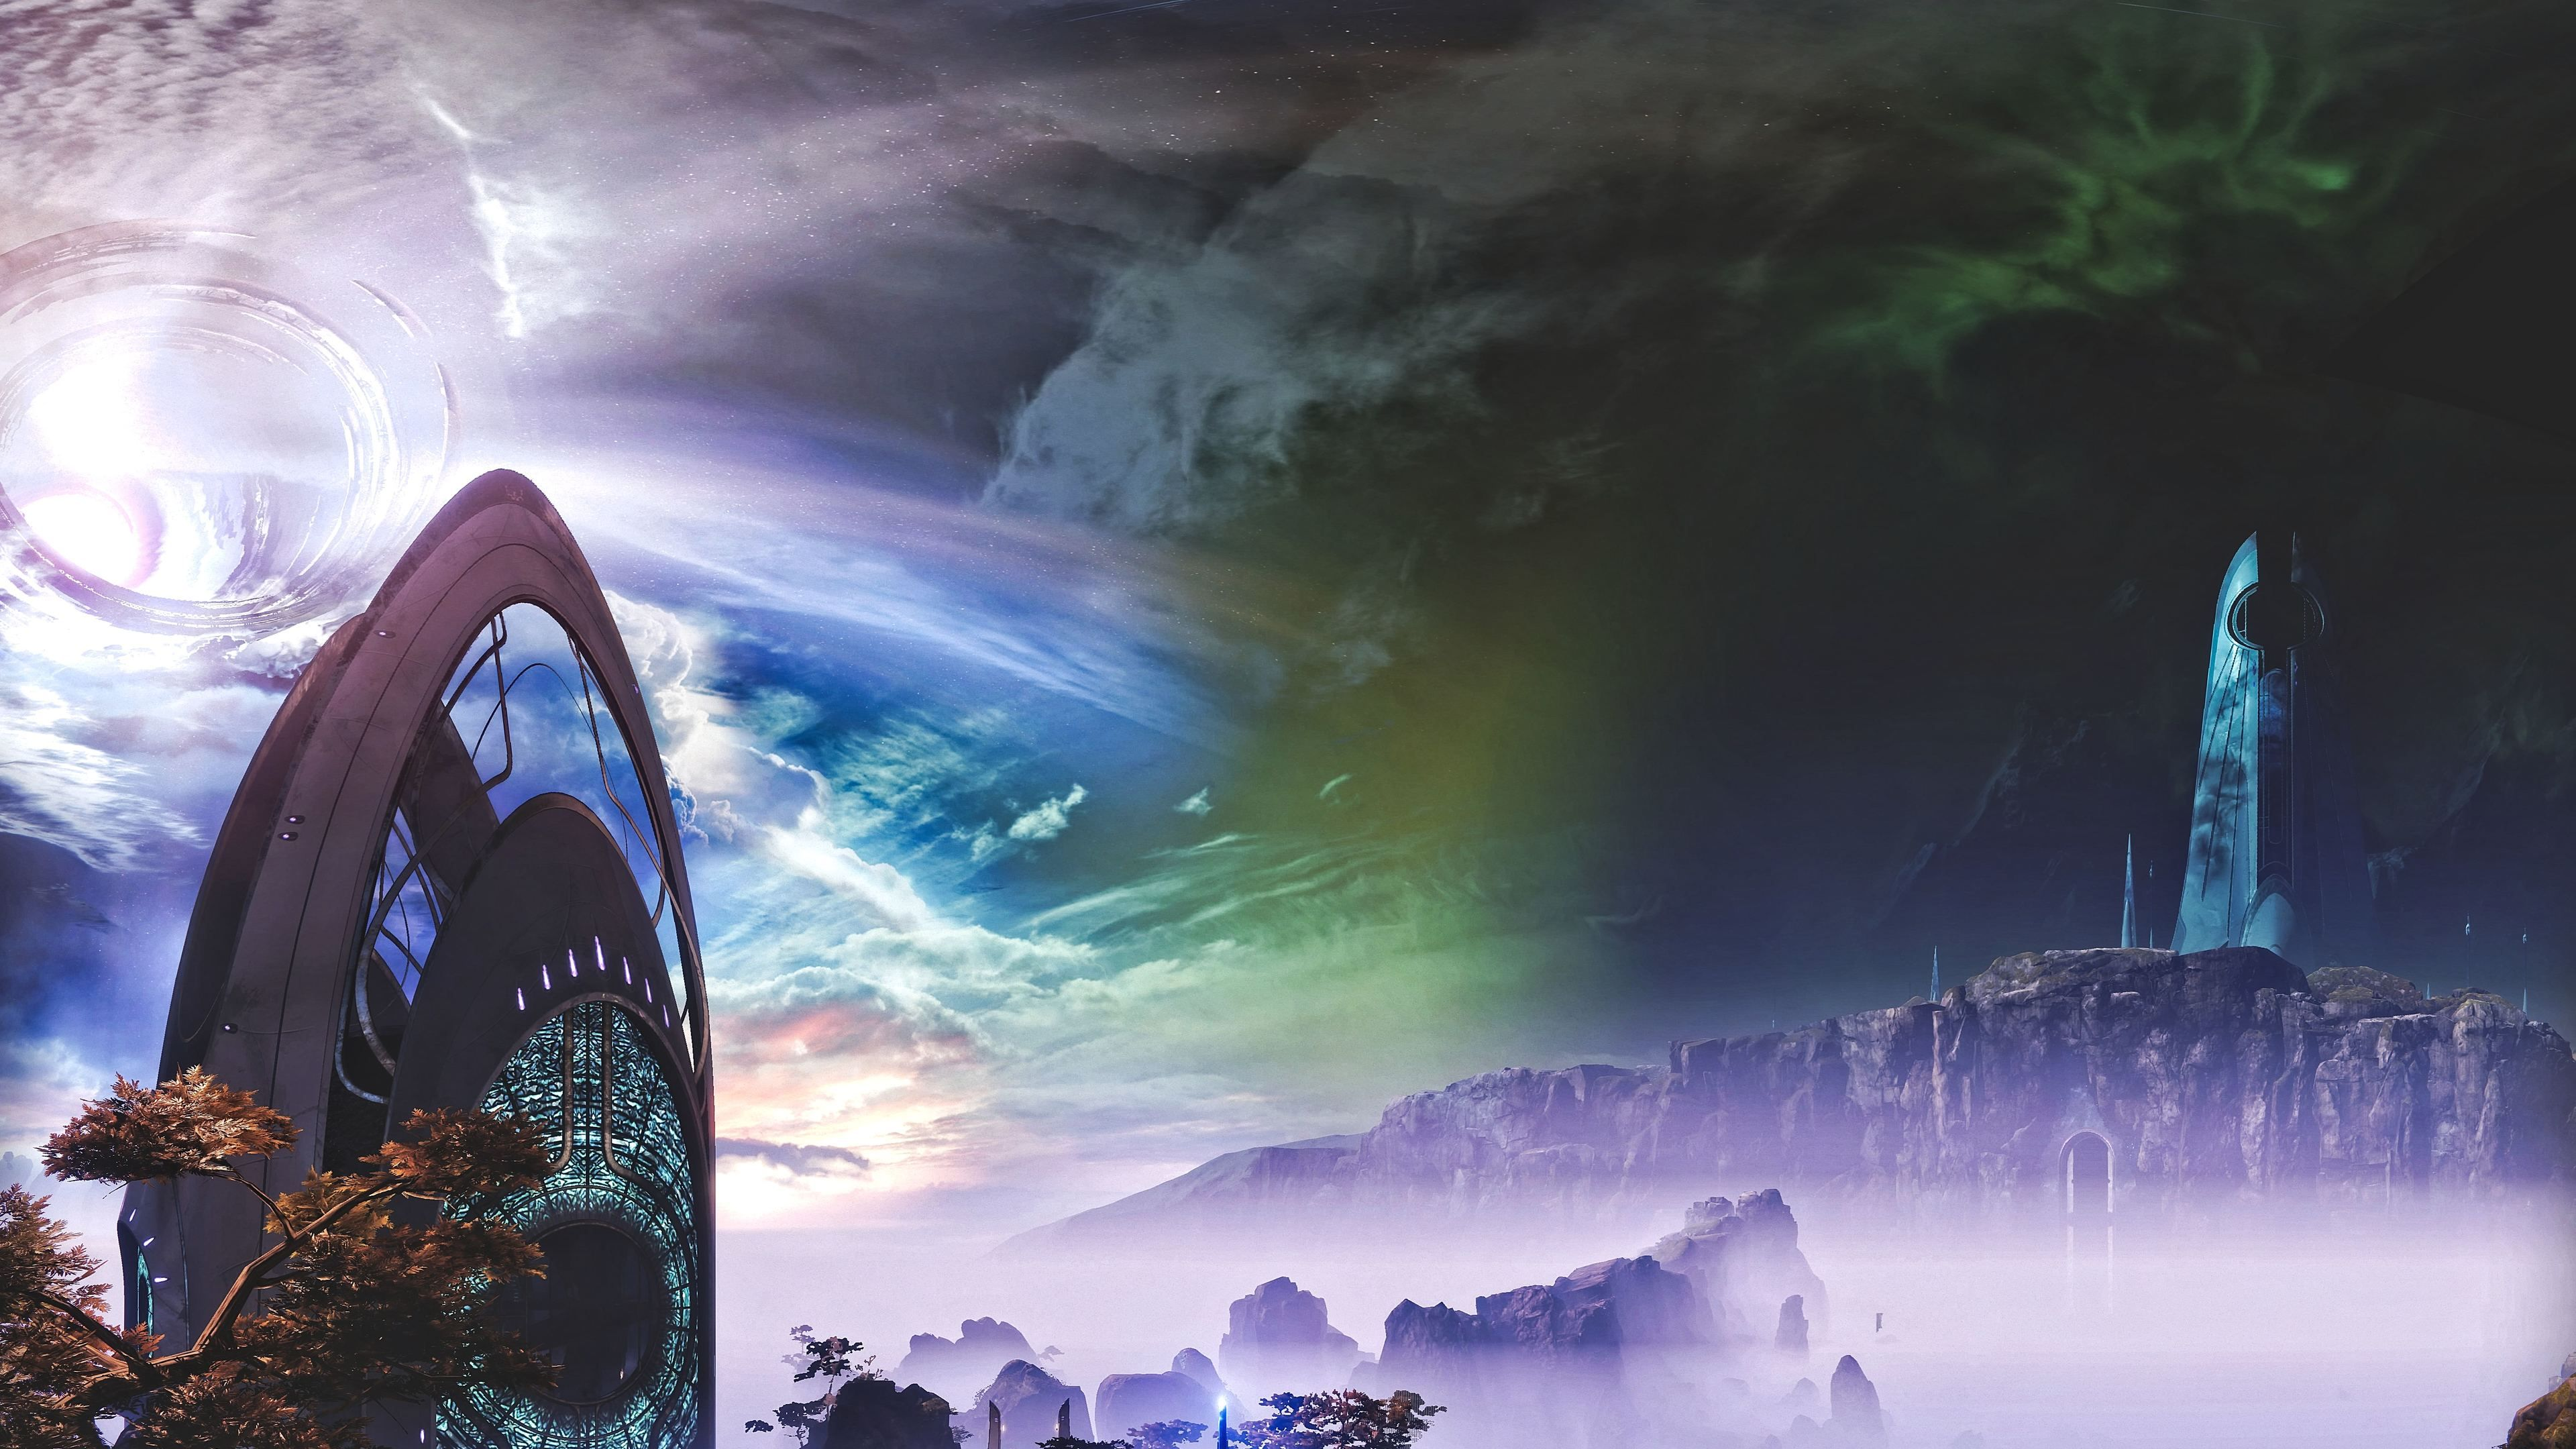 Destiny 2 Dream City 4k Hd Wallpapers Games Wallpapers Destiny Wallpapers Destiny 2 Wallpapers 4k Wallpapers 2018 Games In 2020 Dream City Wallpaper Hd Wallpaper